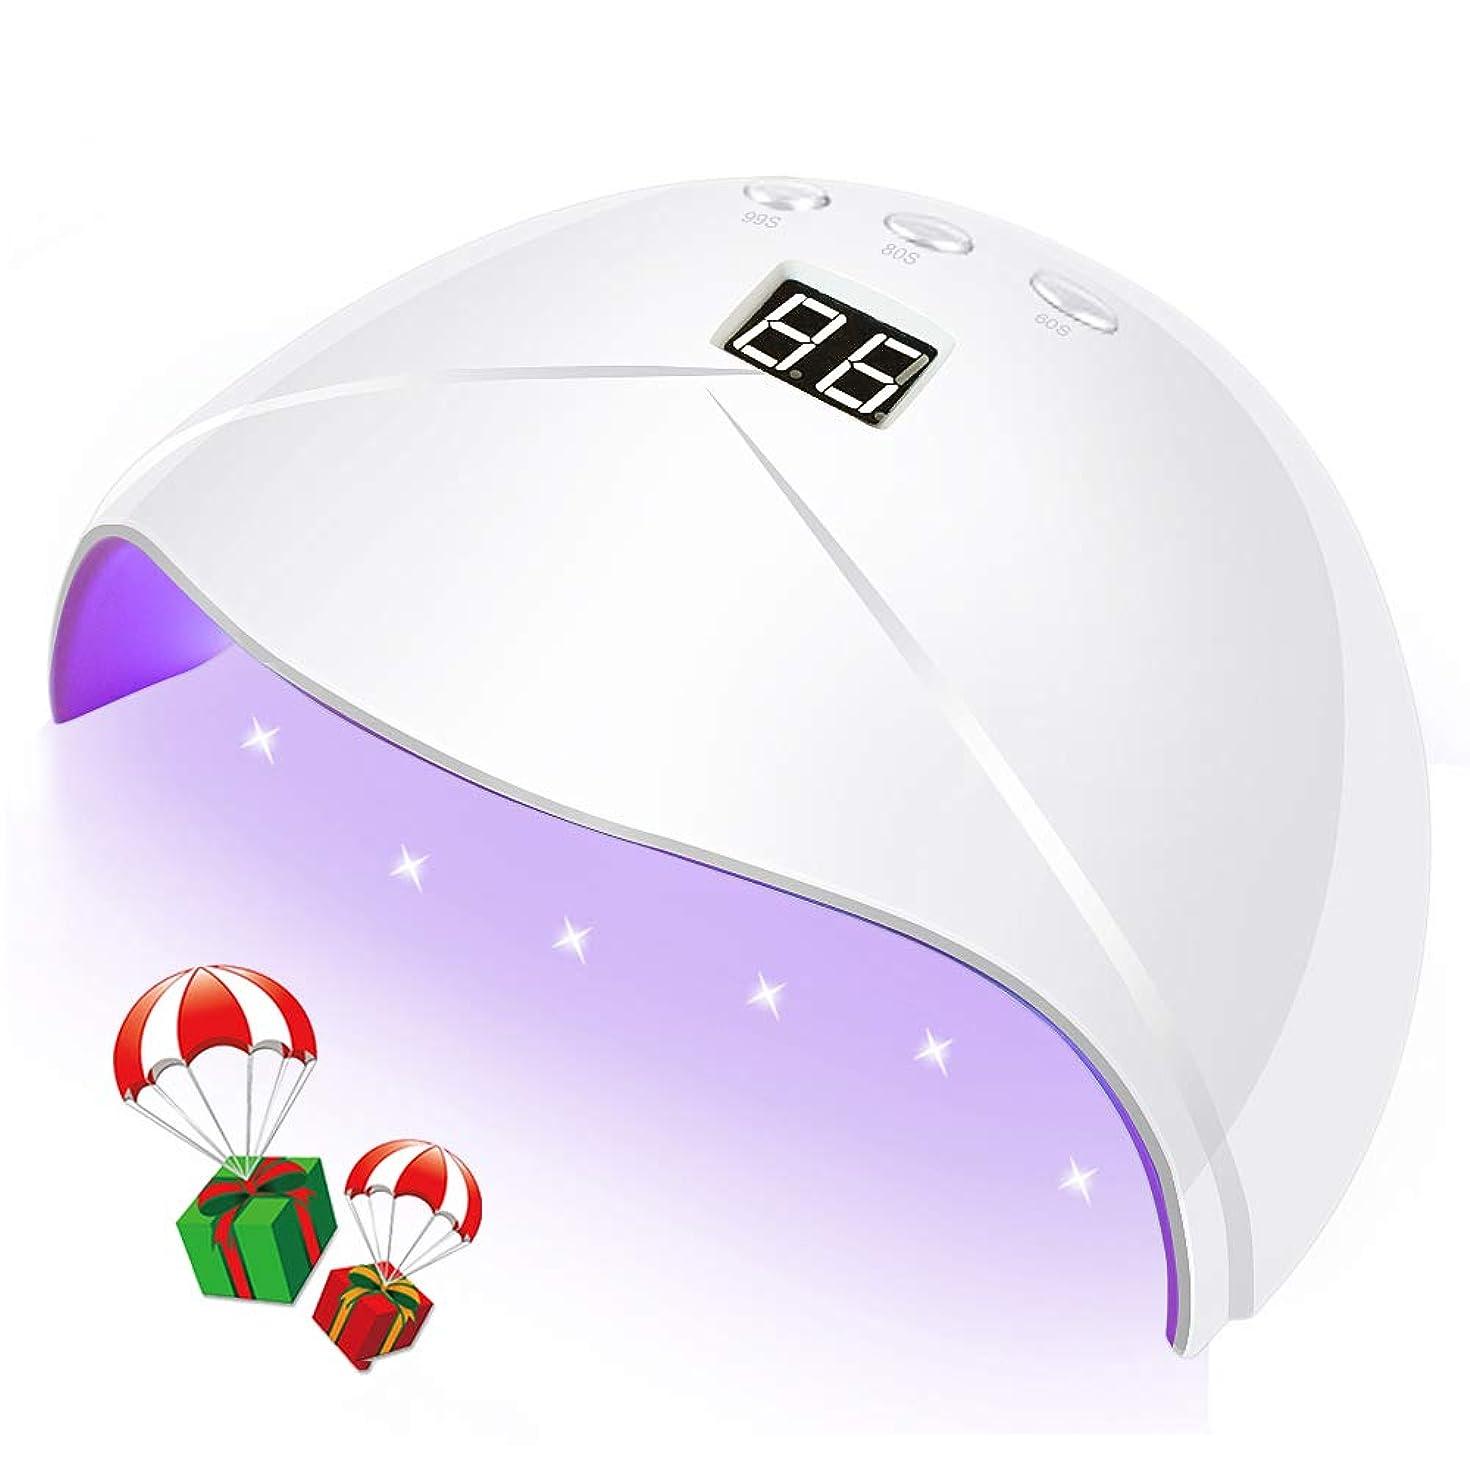 ゴミネコうんざり36W LED UV ネイルライトプロフェッショナルポータブルゲル硬化ライト3タイマー LCD ディスプレイ (USB 充電器)